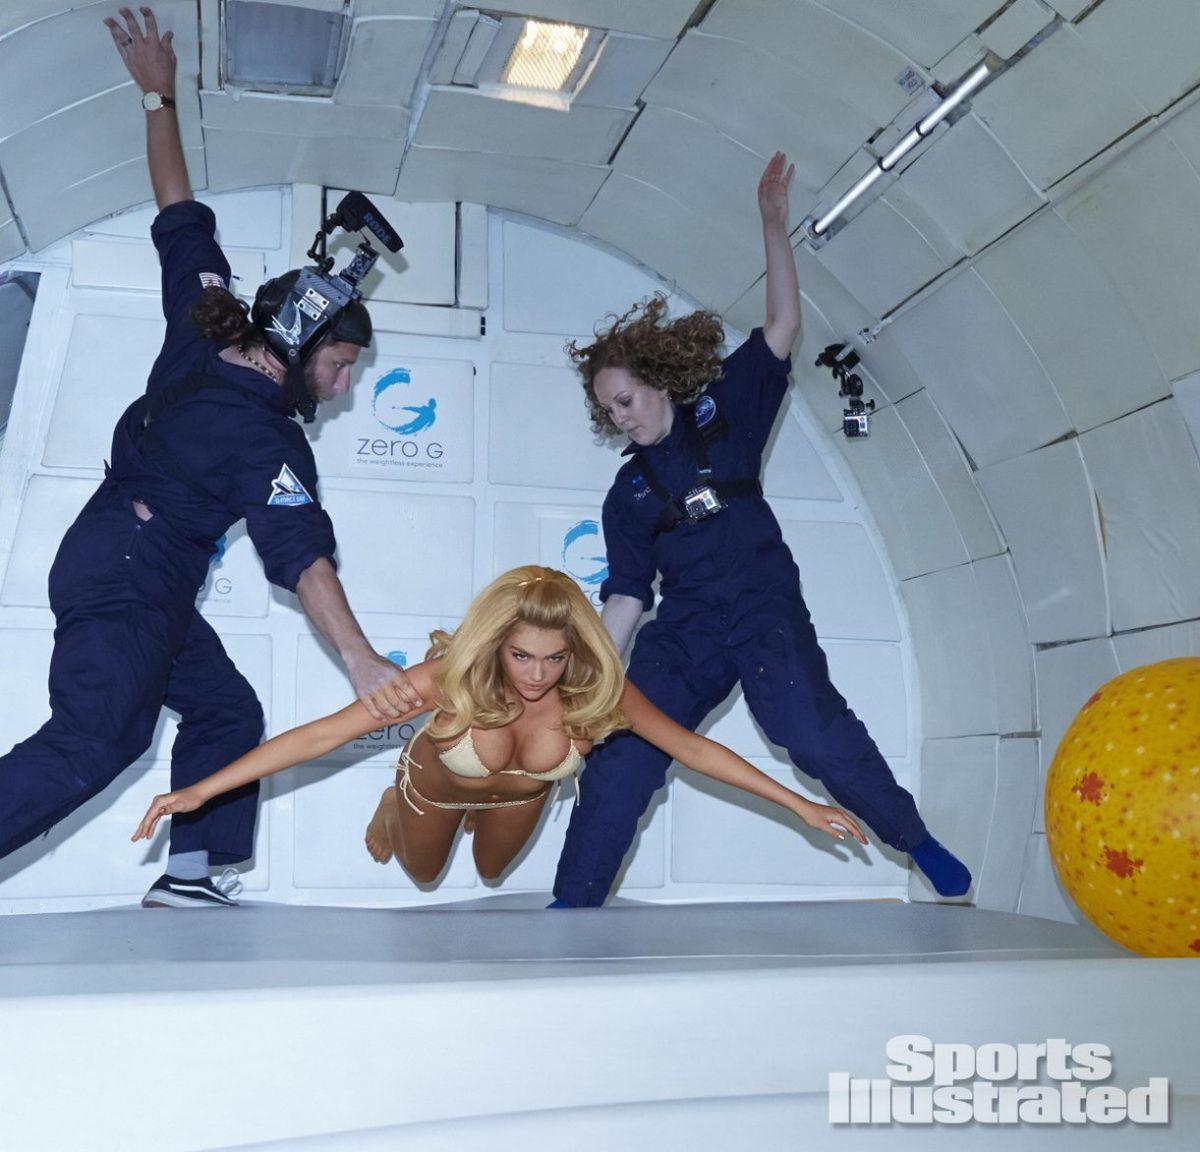 Kate upton zero gravity 4